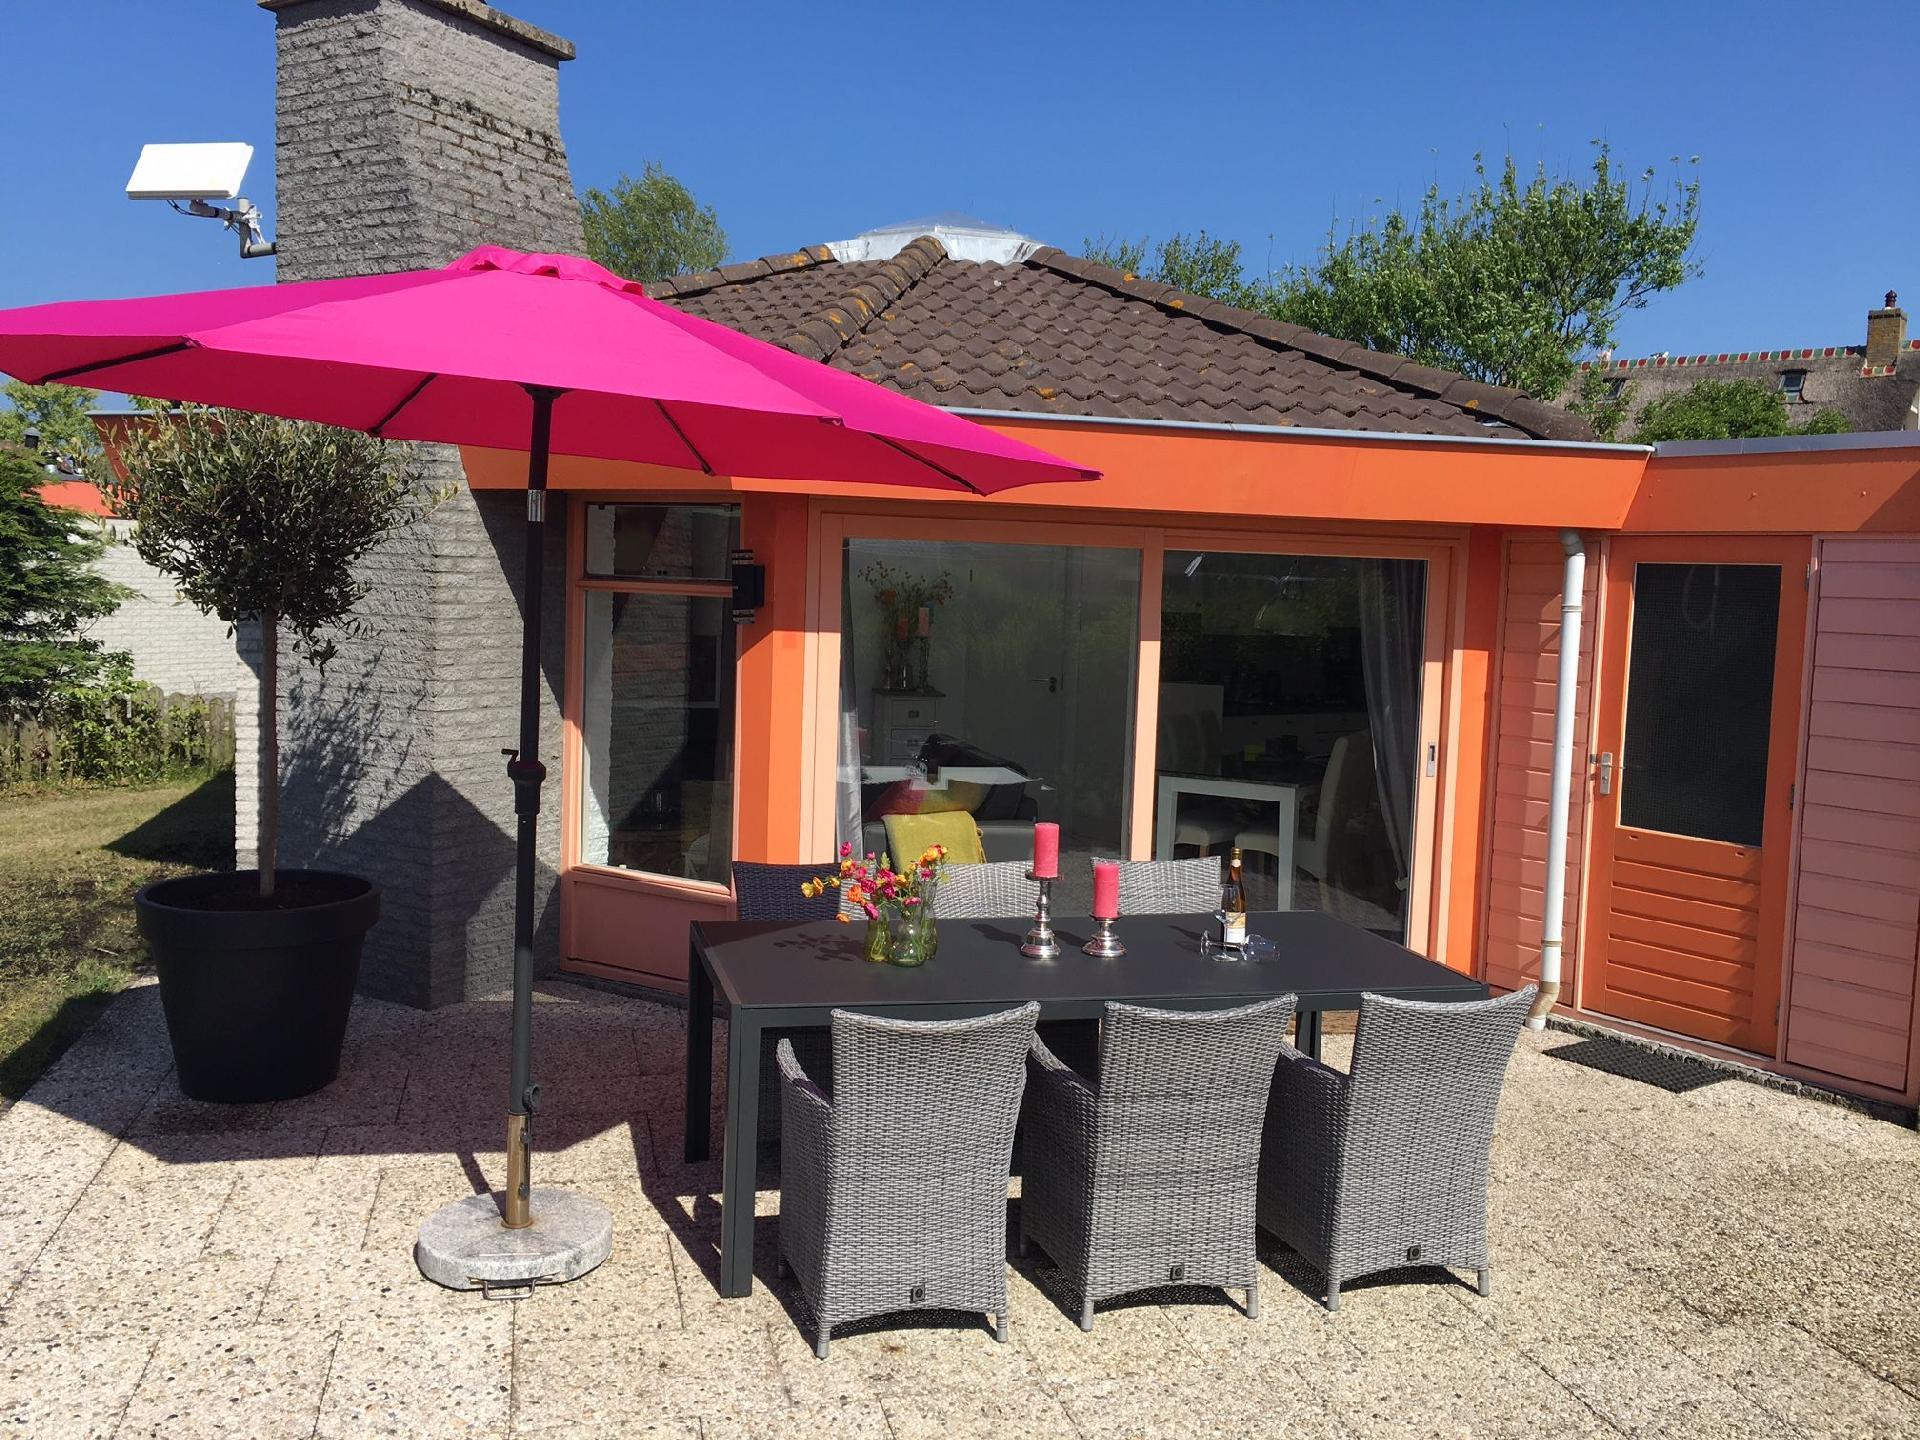 Ferienhaus für 6 Personen ca. 70 m² in J